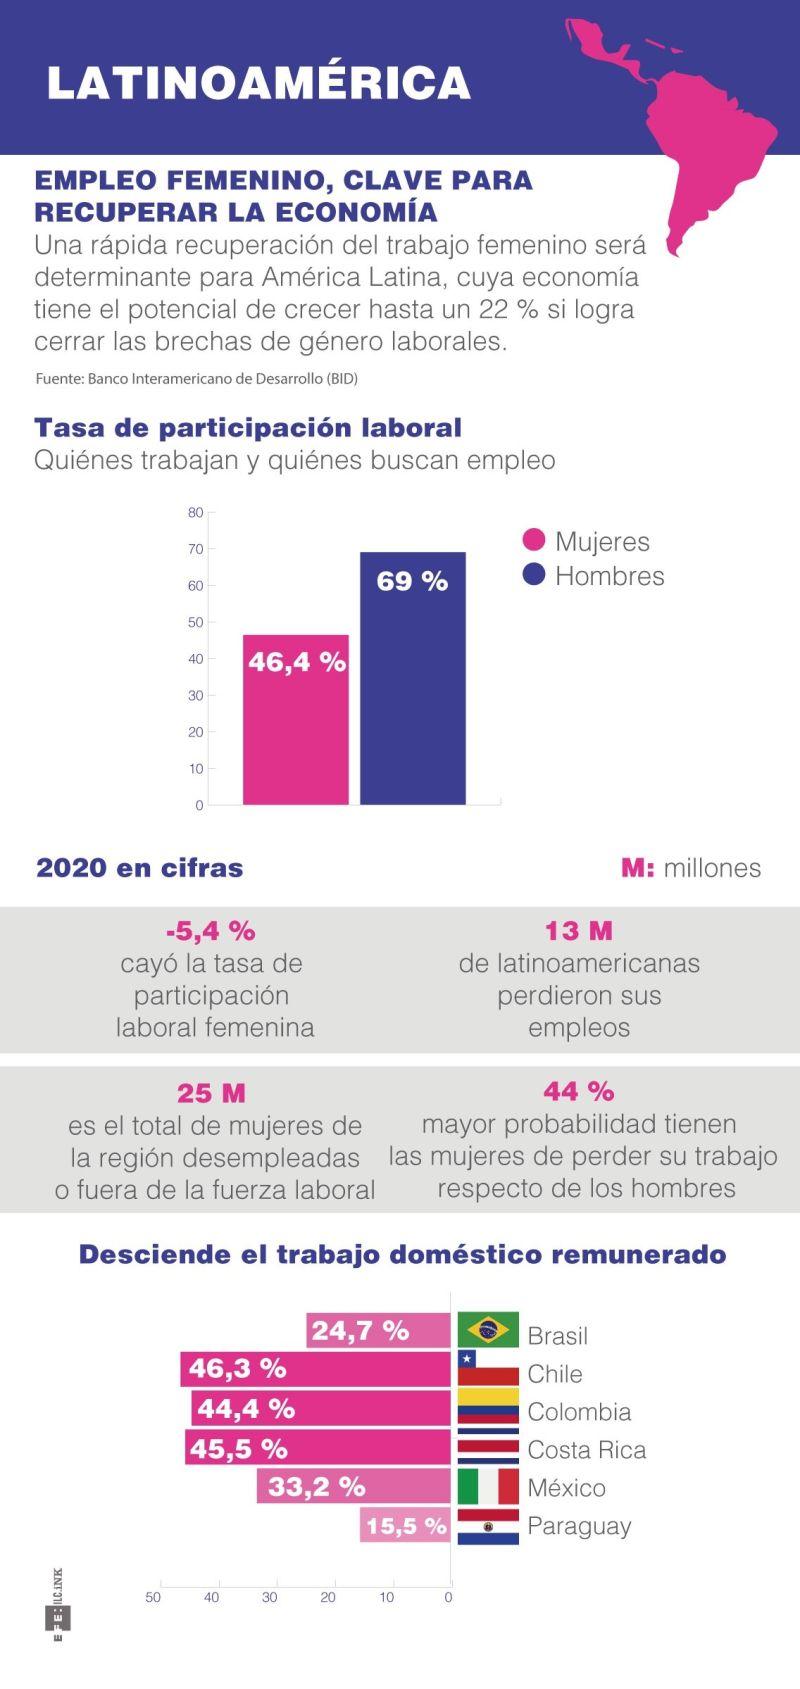 Latinoamérica - Mujeres - Economía 2021